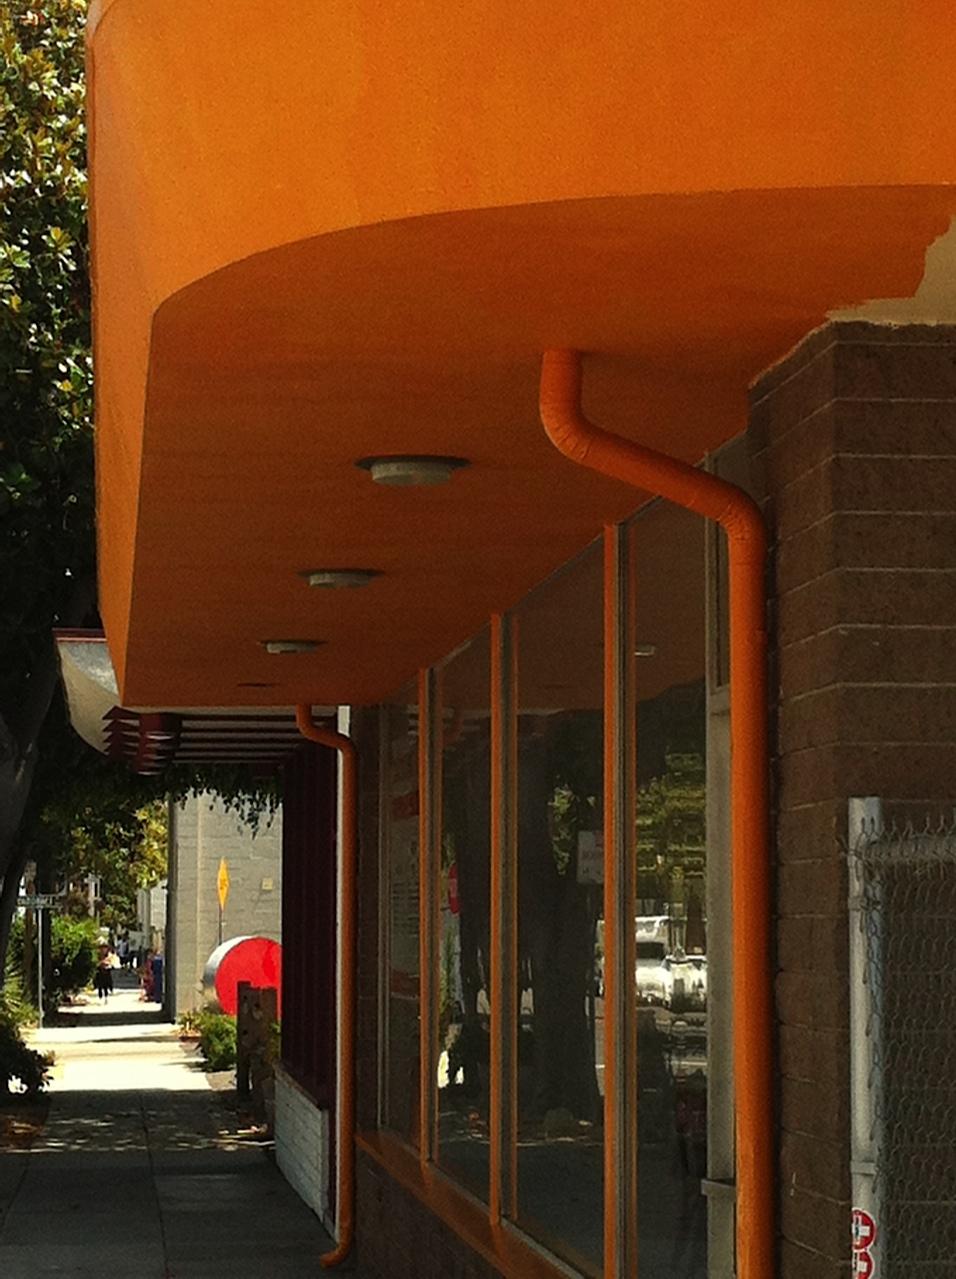 Youth Interactive Santa Barbara has been given its orange facelift - !!